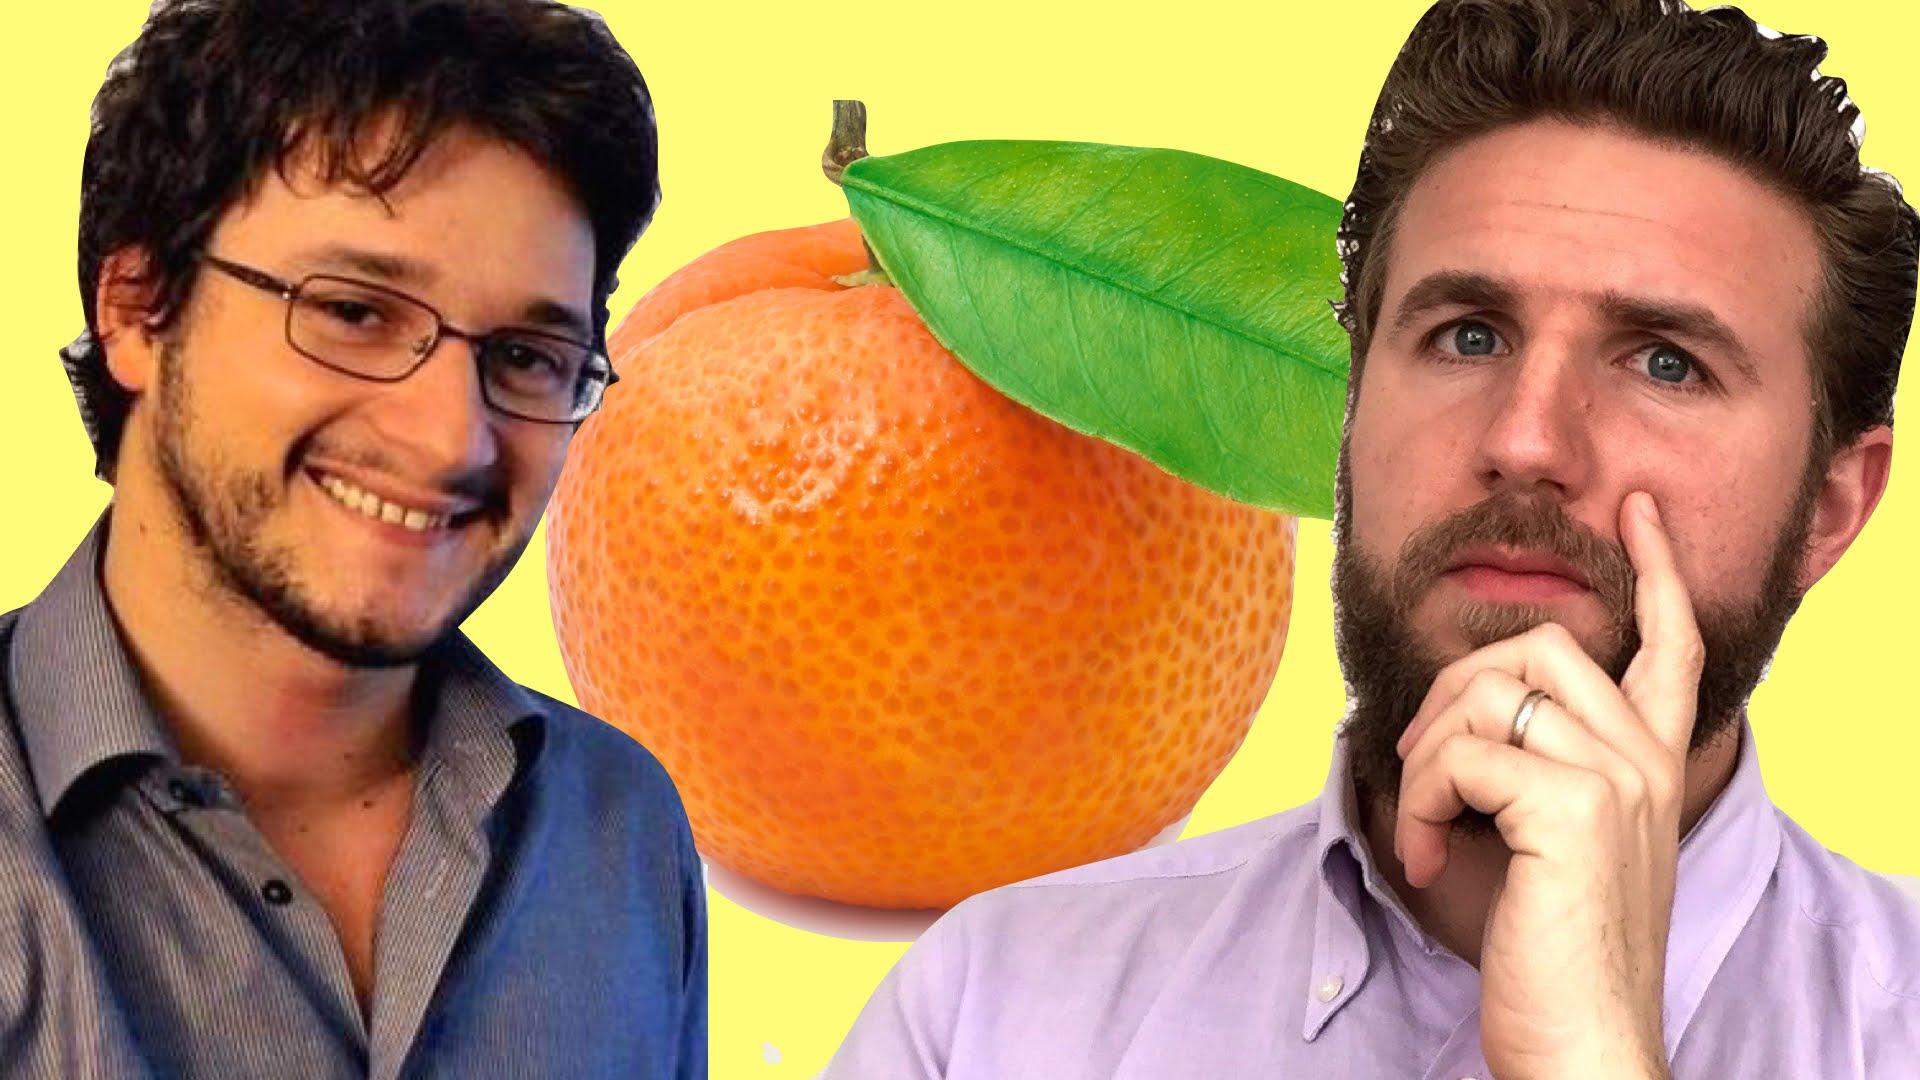 Tecnica del mandarino: ecco come ritrovare la concentrazione